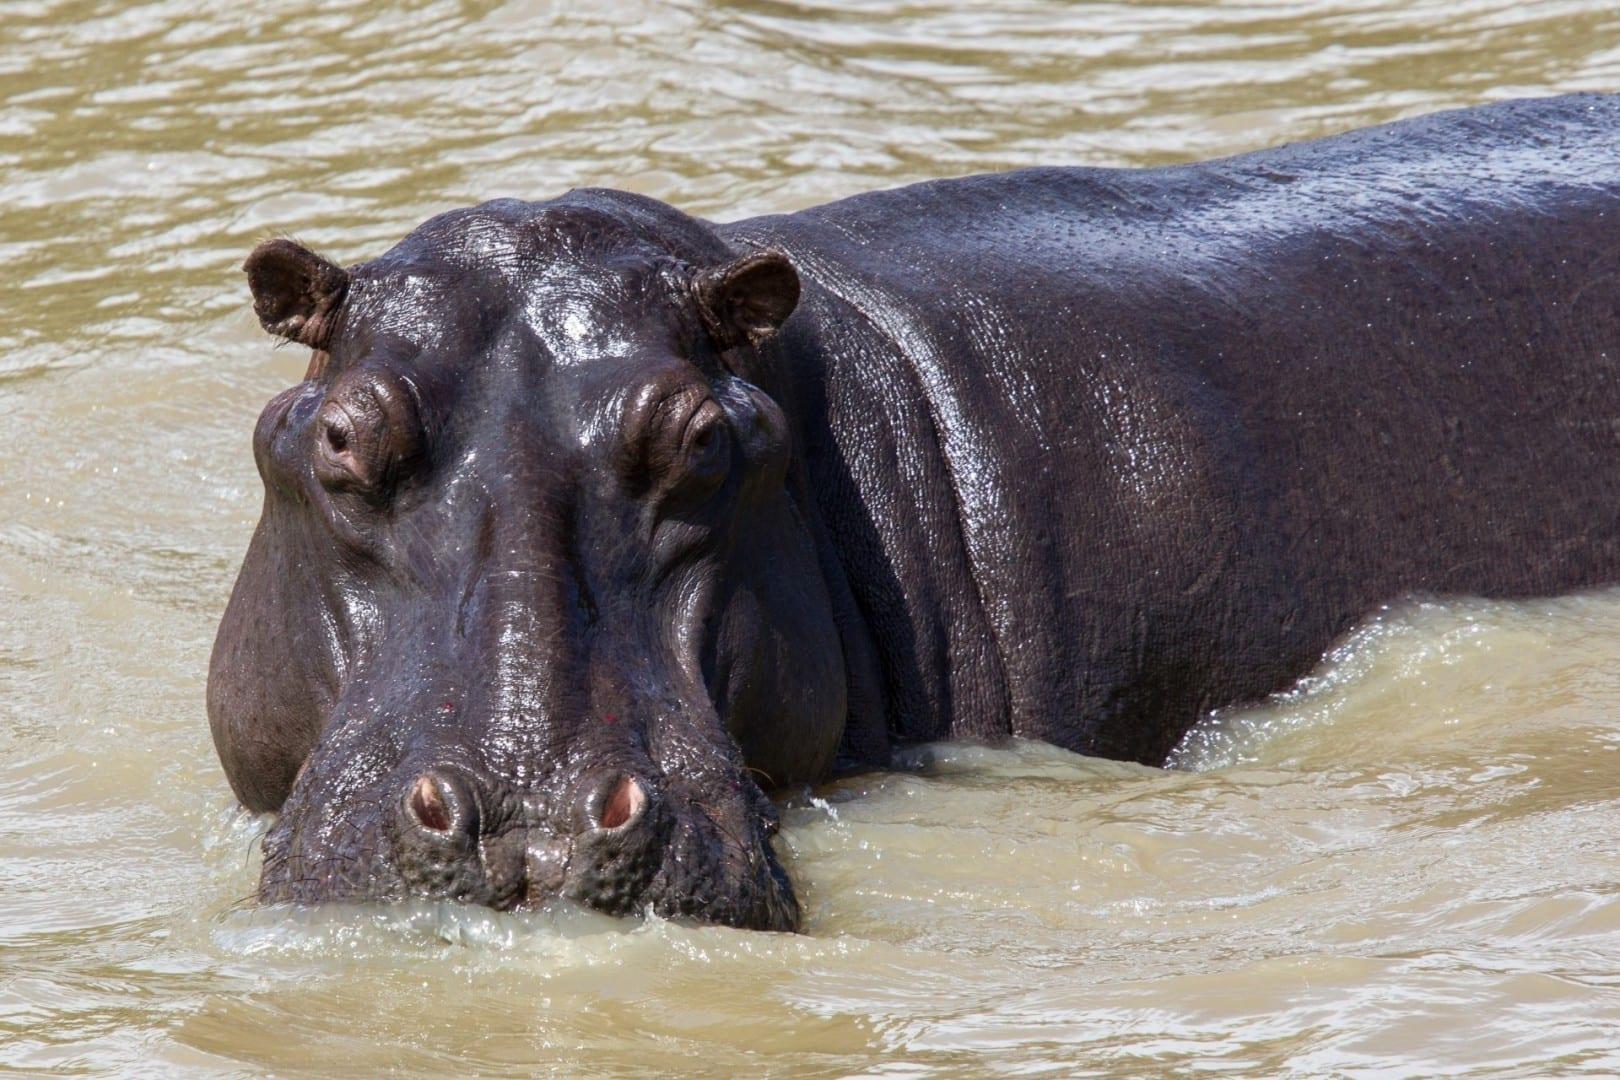 Hipopótamo en el Parque de Humedales de iSimangaliso St. Lucía República de Sudáfrica